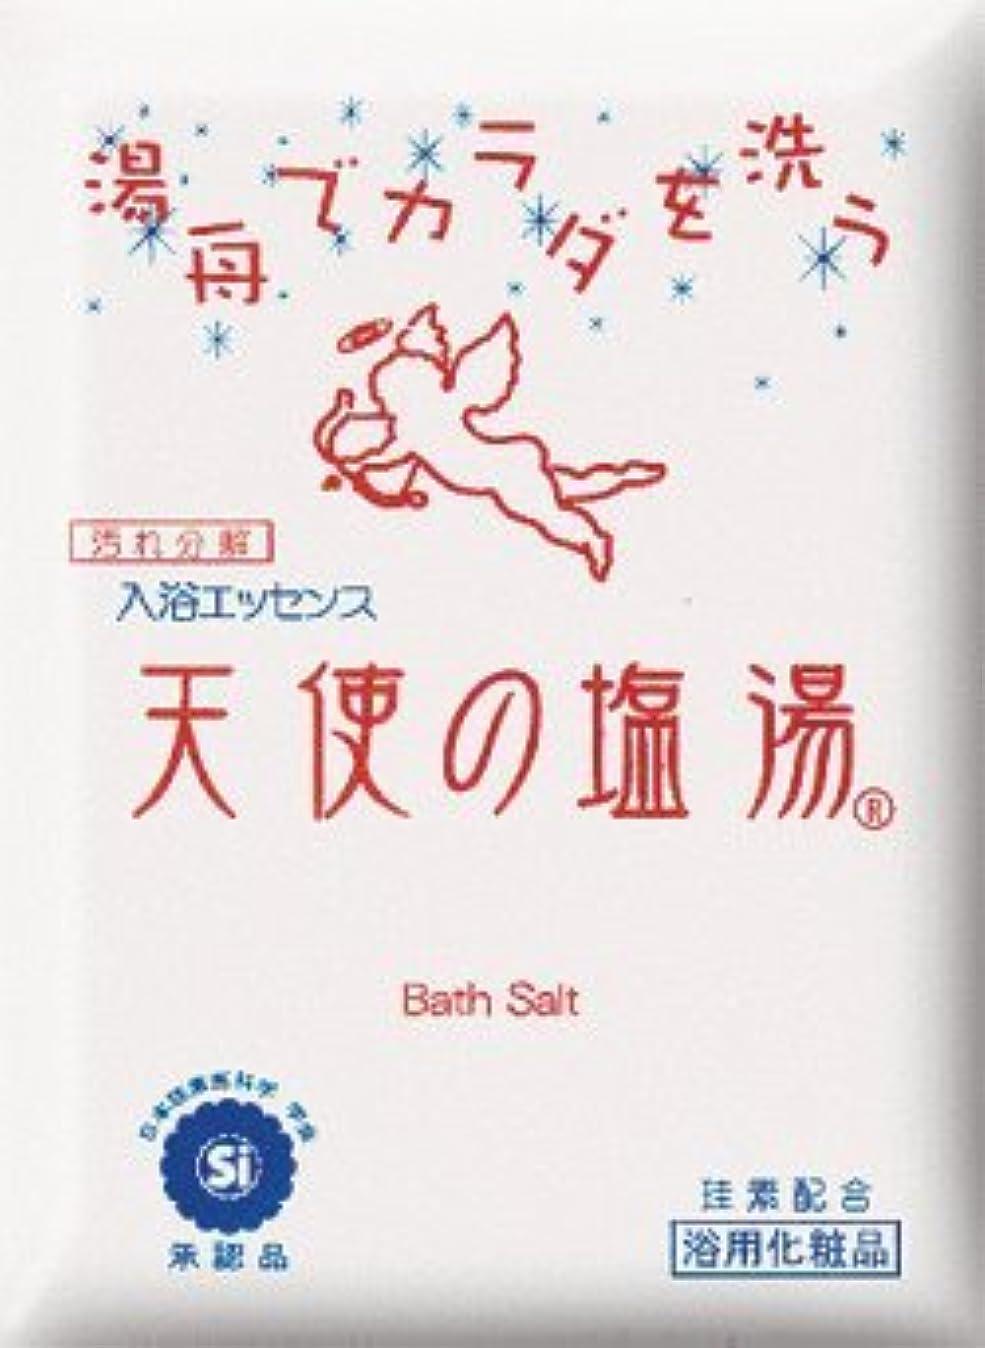 気候の山助手明るい天使の塩湯 (70g×20袋) ※浴槽でカラダを洗う!入浴エッセンス!